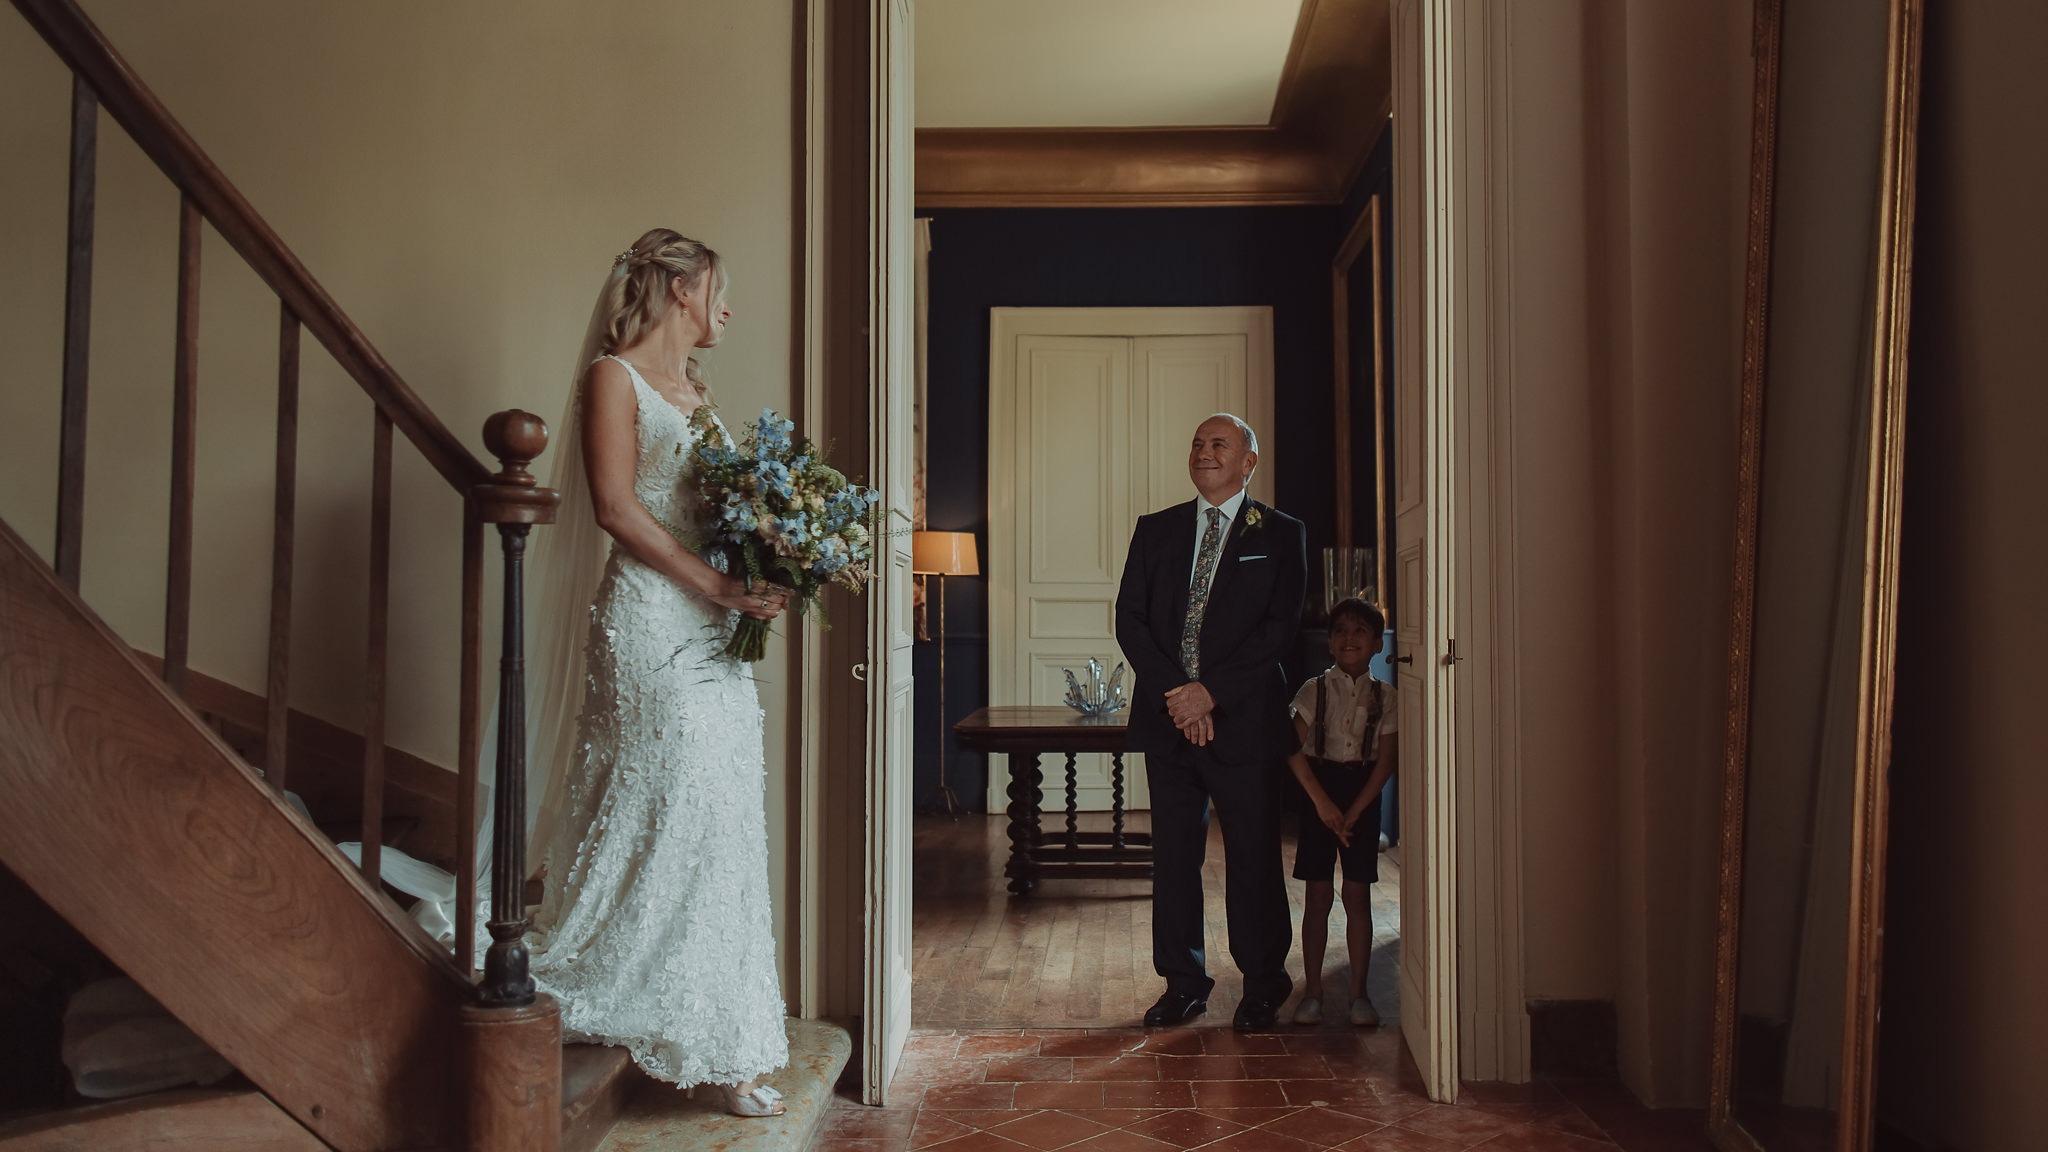 Lartigolle Love Wedding Photography